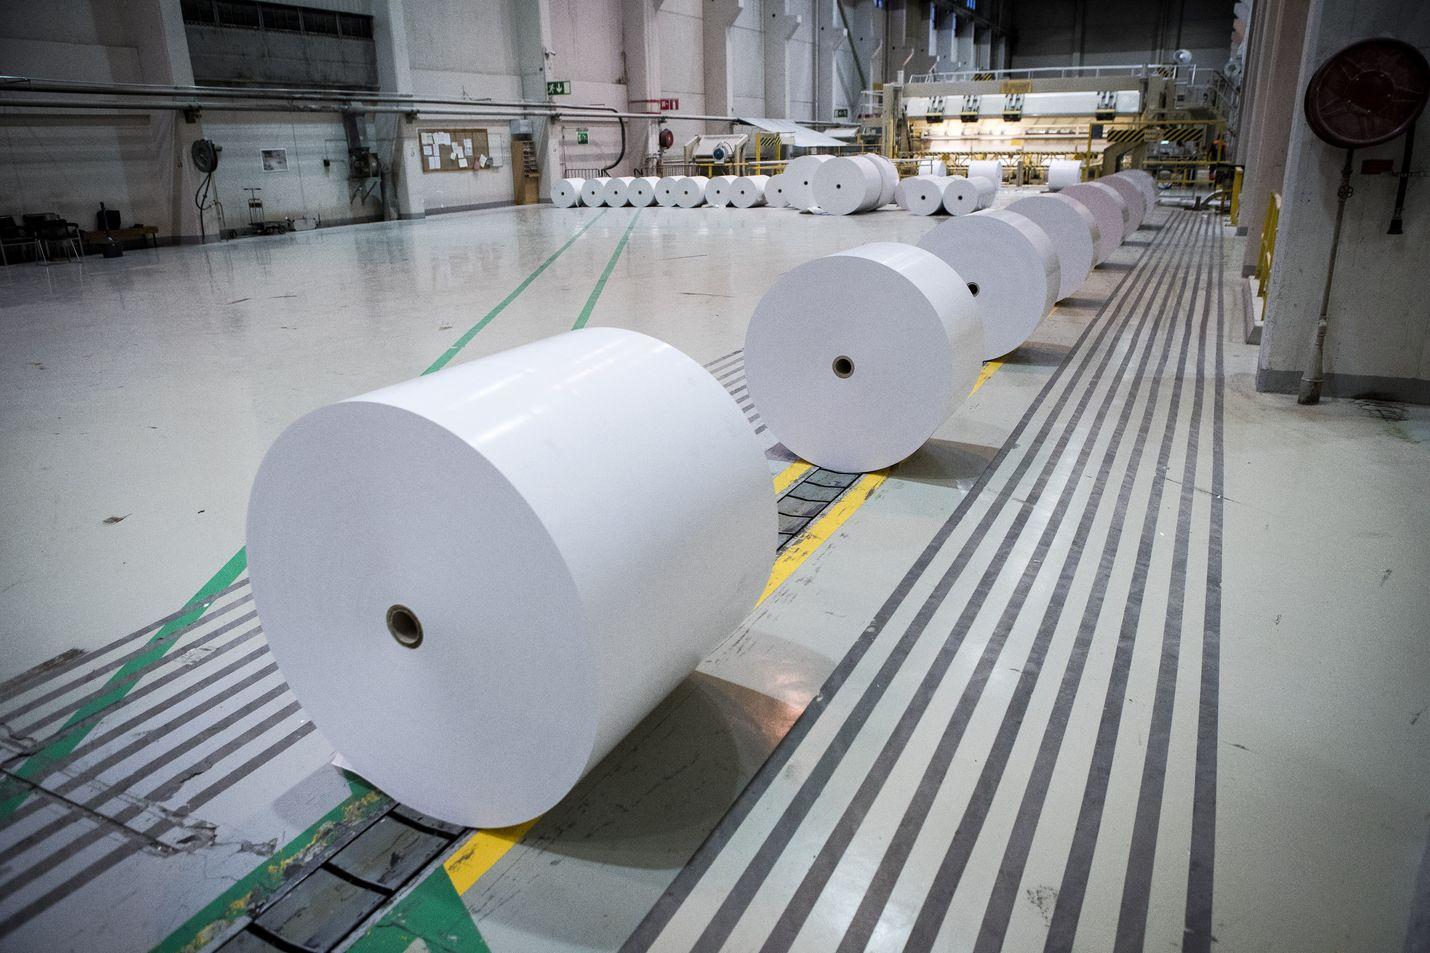 Veitsiluodon tehdas Kemissä tuottaa kopiopaperia. Ruotsalaisen Hylten tehtaan sanomalehtipaperikoneen sulkeminen ei vaikuta tuotantoon Suomessa.